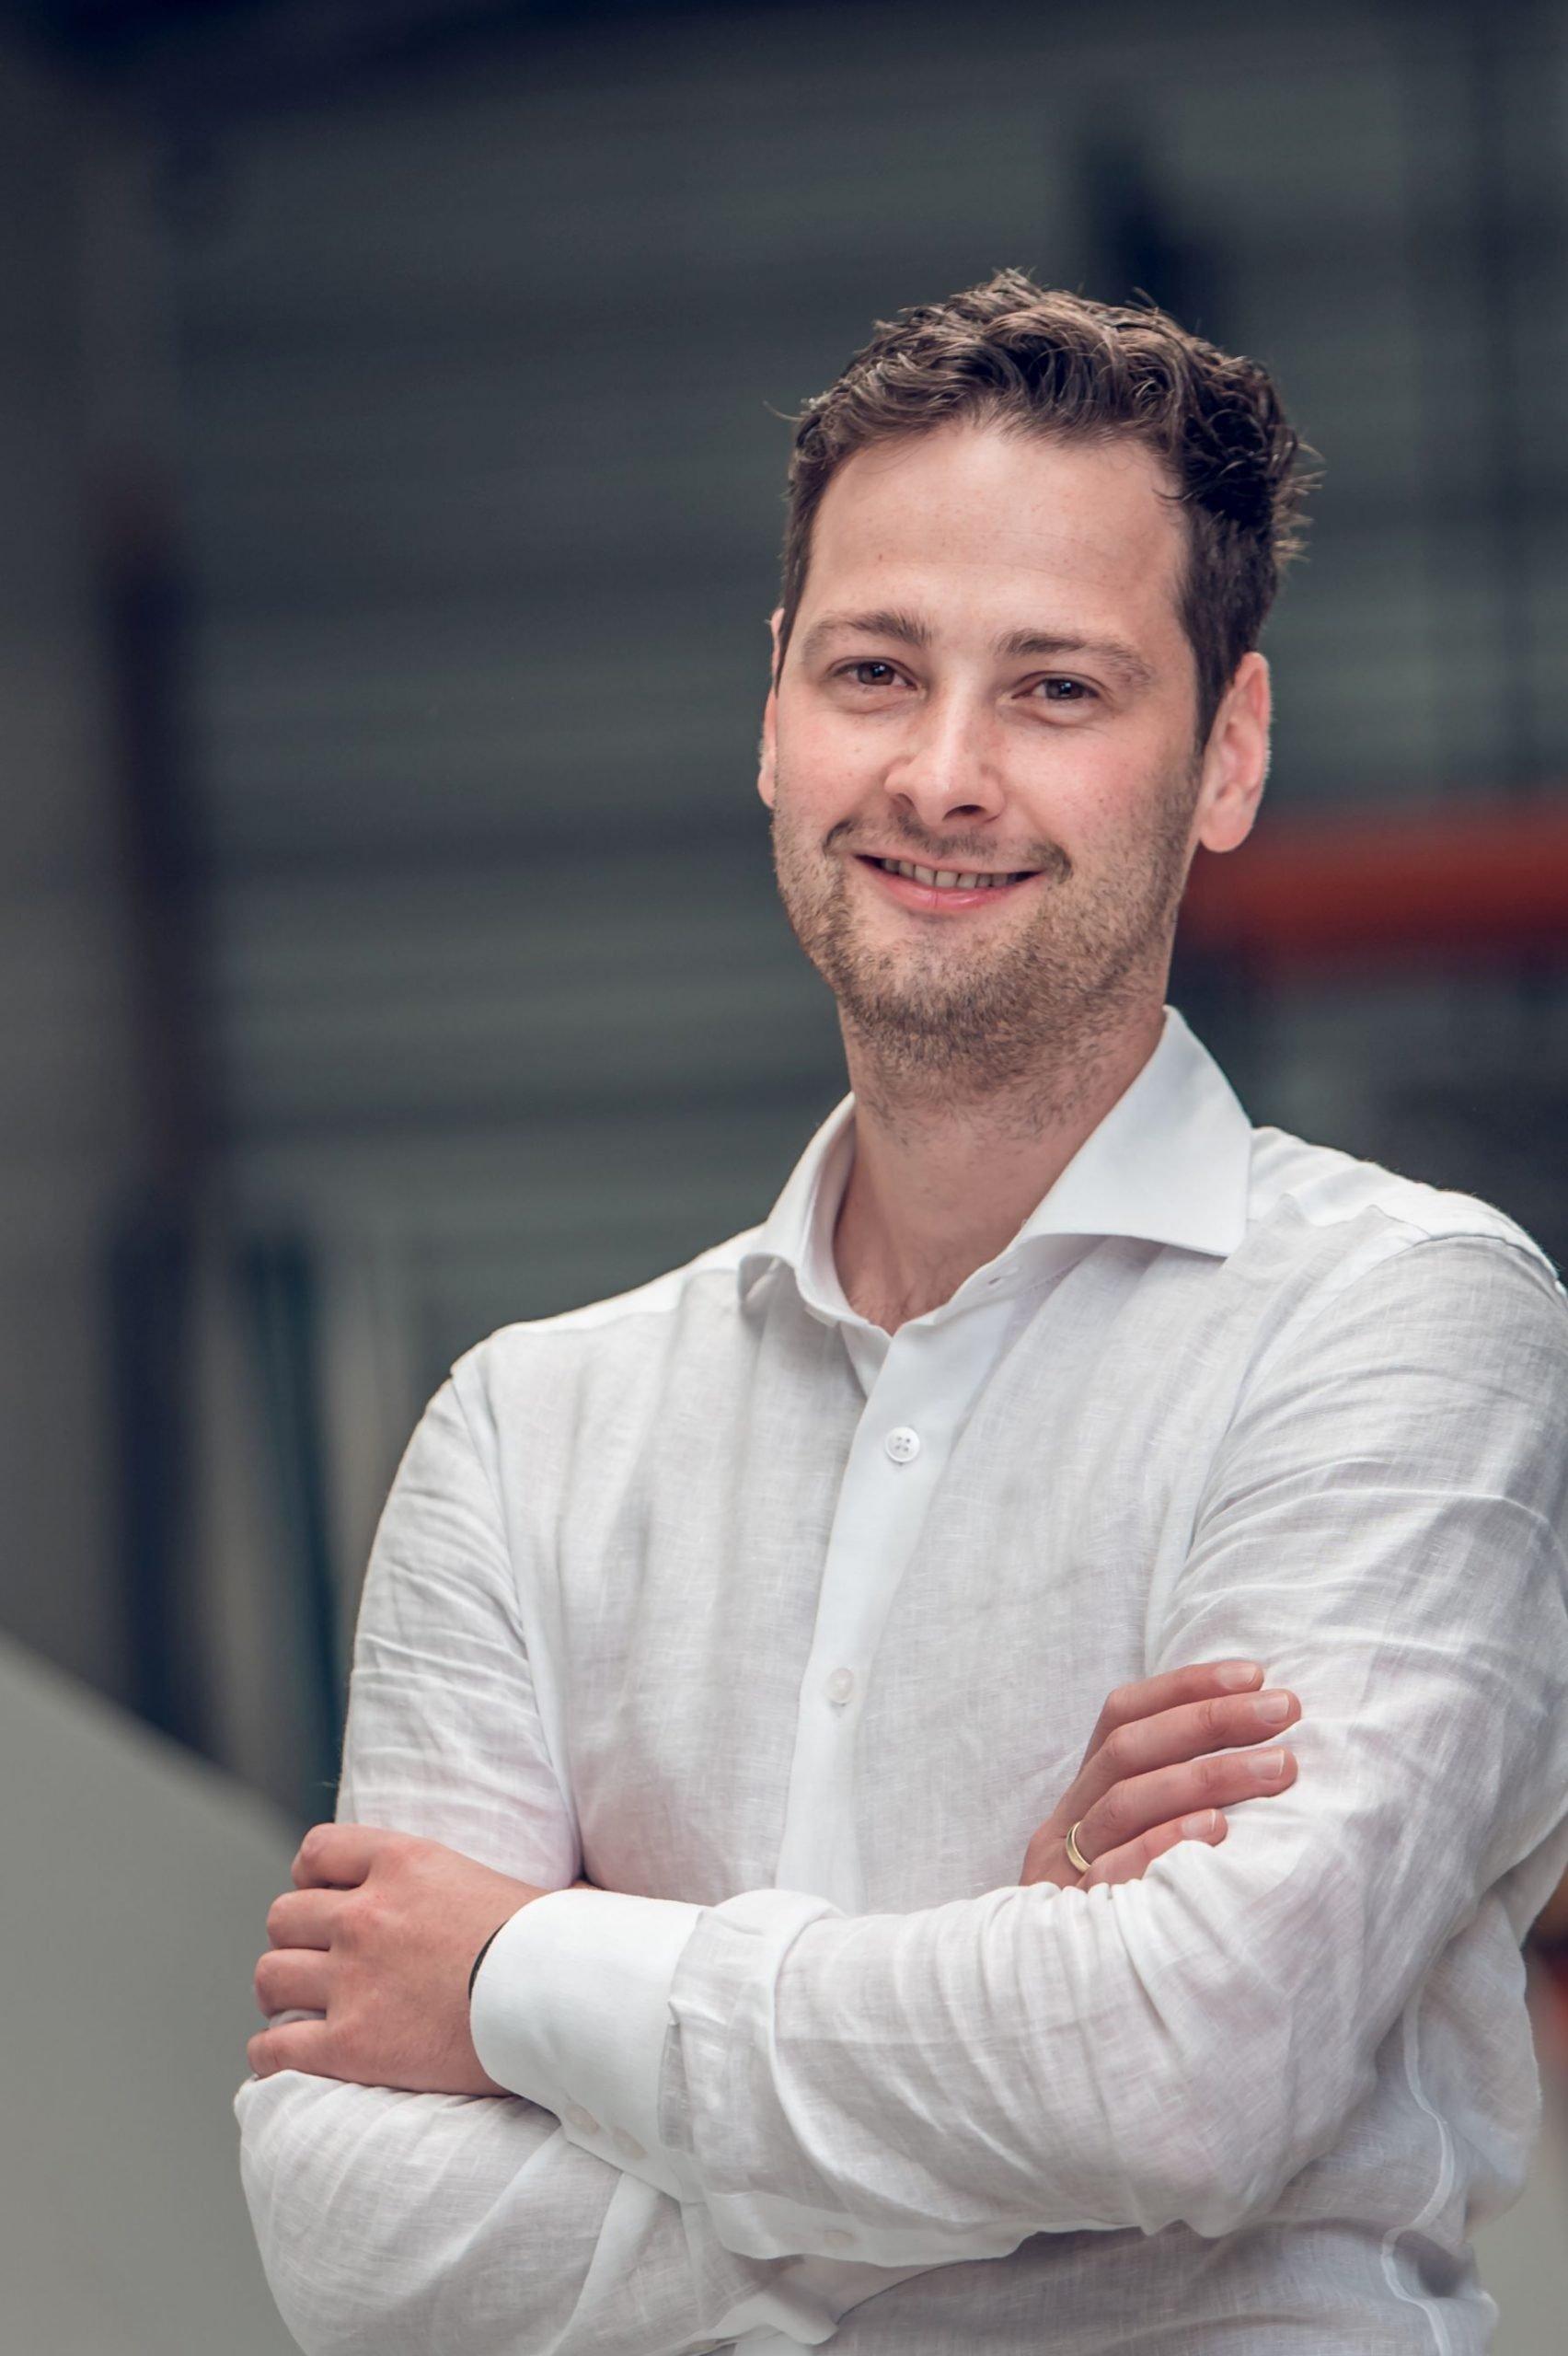 Martin van den Bosch